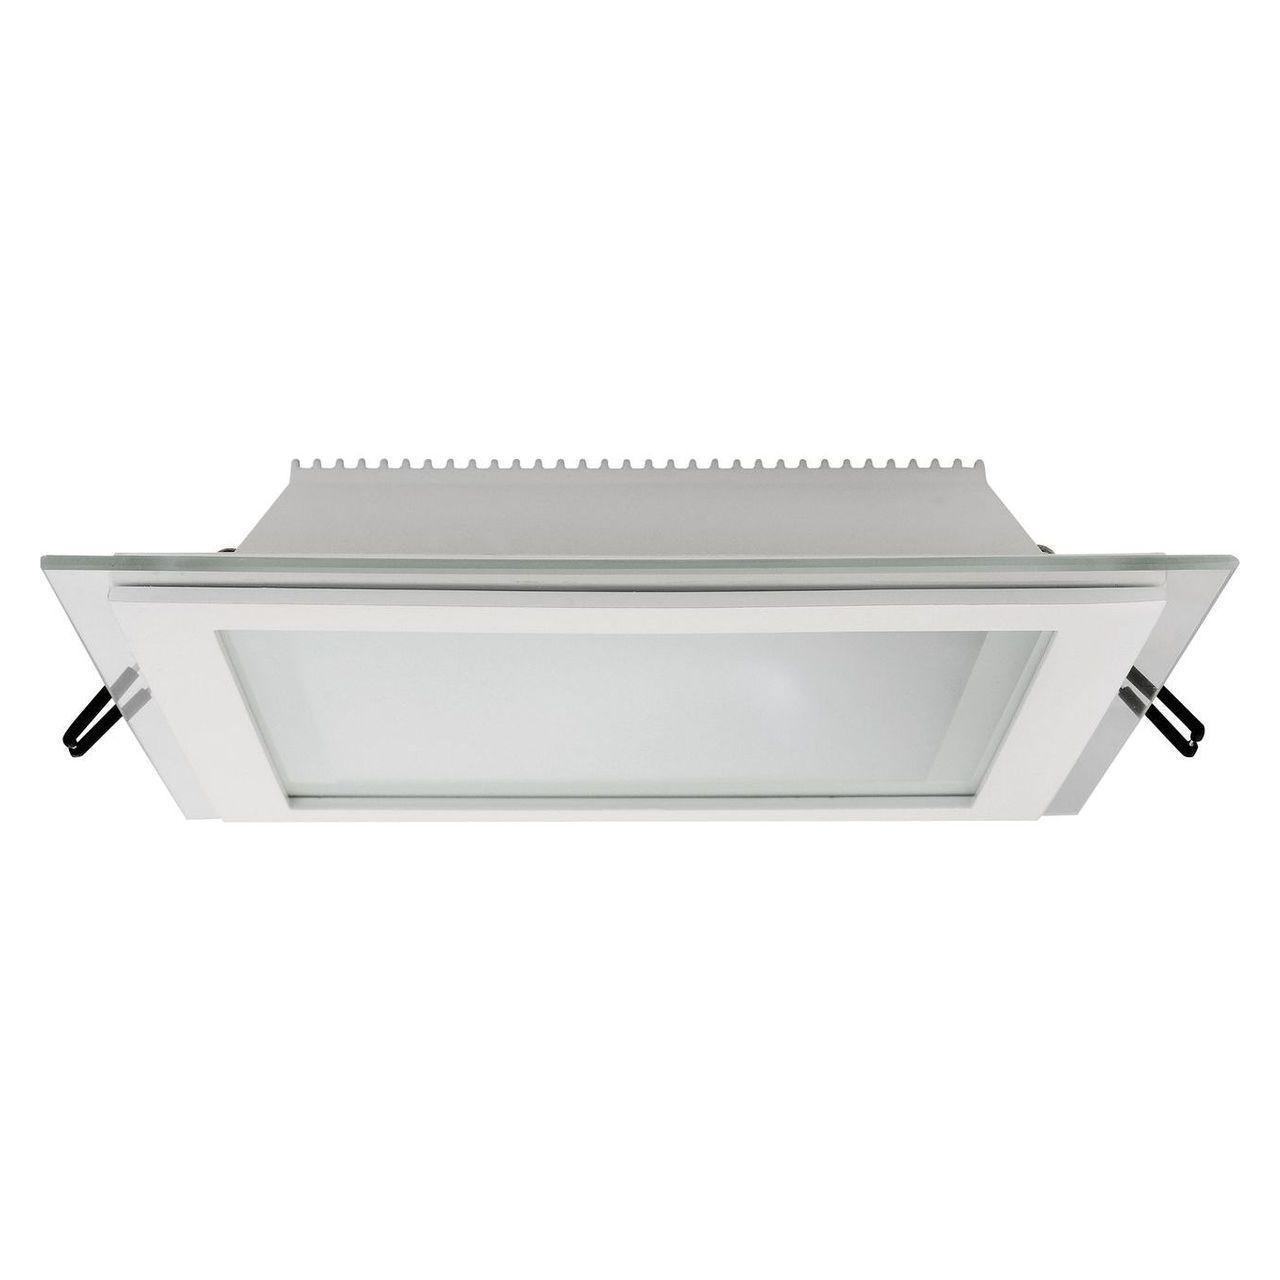 Встраиваемый светодиодный светильник Horoz 15W 6400K белый 016-015-0015 (HL686LG) встраиваемый светодиодный светильник horoz 15w 6000к белый 016 017 0015 hl6756l